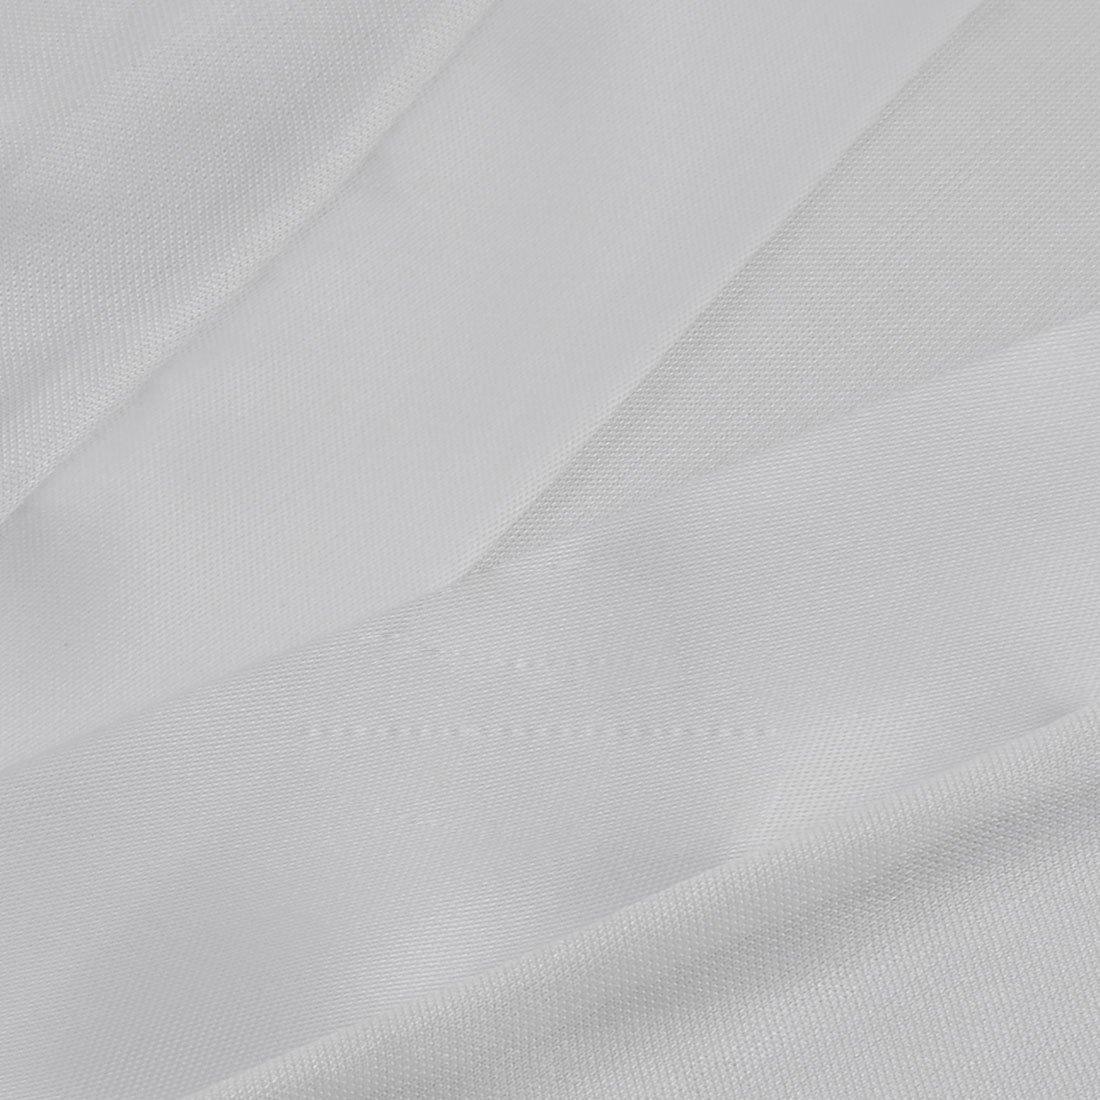 Amazon.com: eDealMax Las Mujeres Señora satén de seda de la ropa Interior del Traje ropa de dormir ropa de dormir Kimono Vestido de Noche del Vestido ...